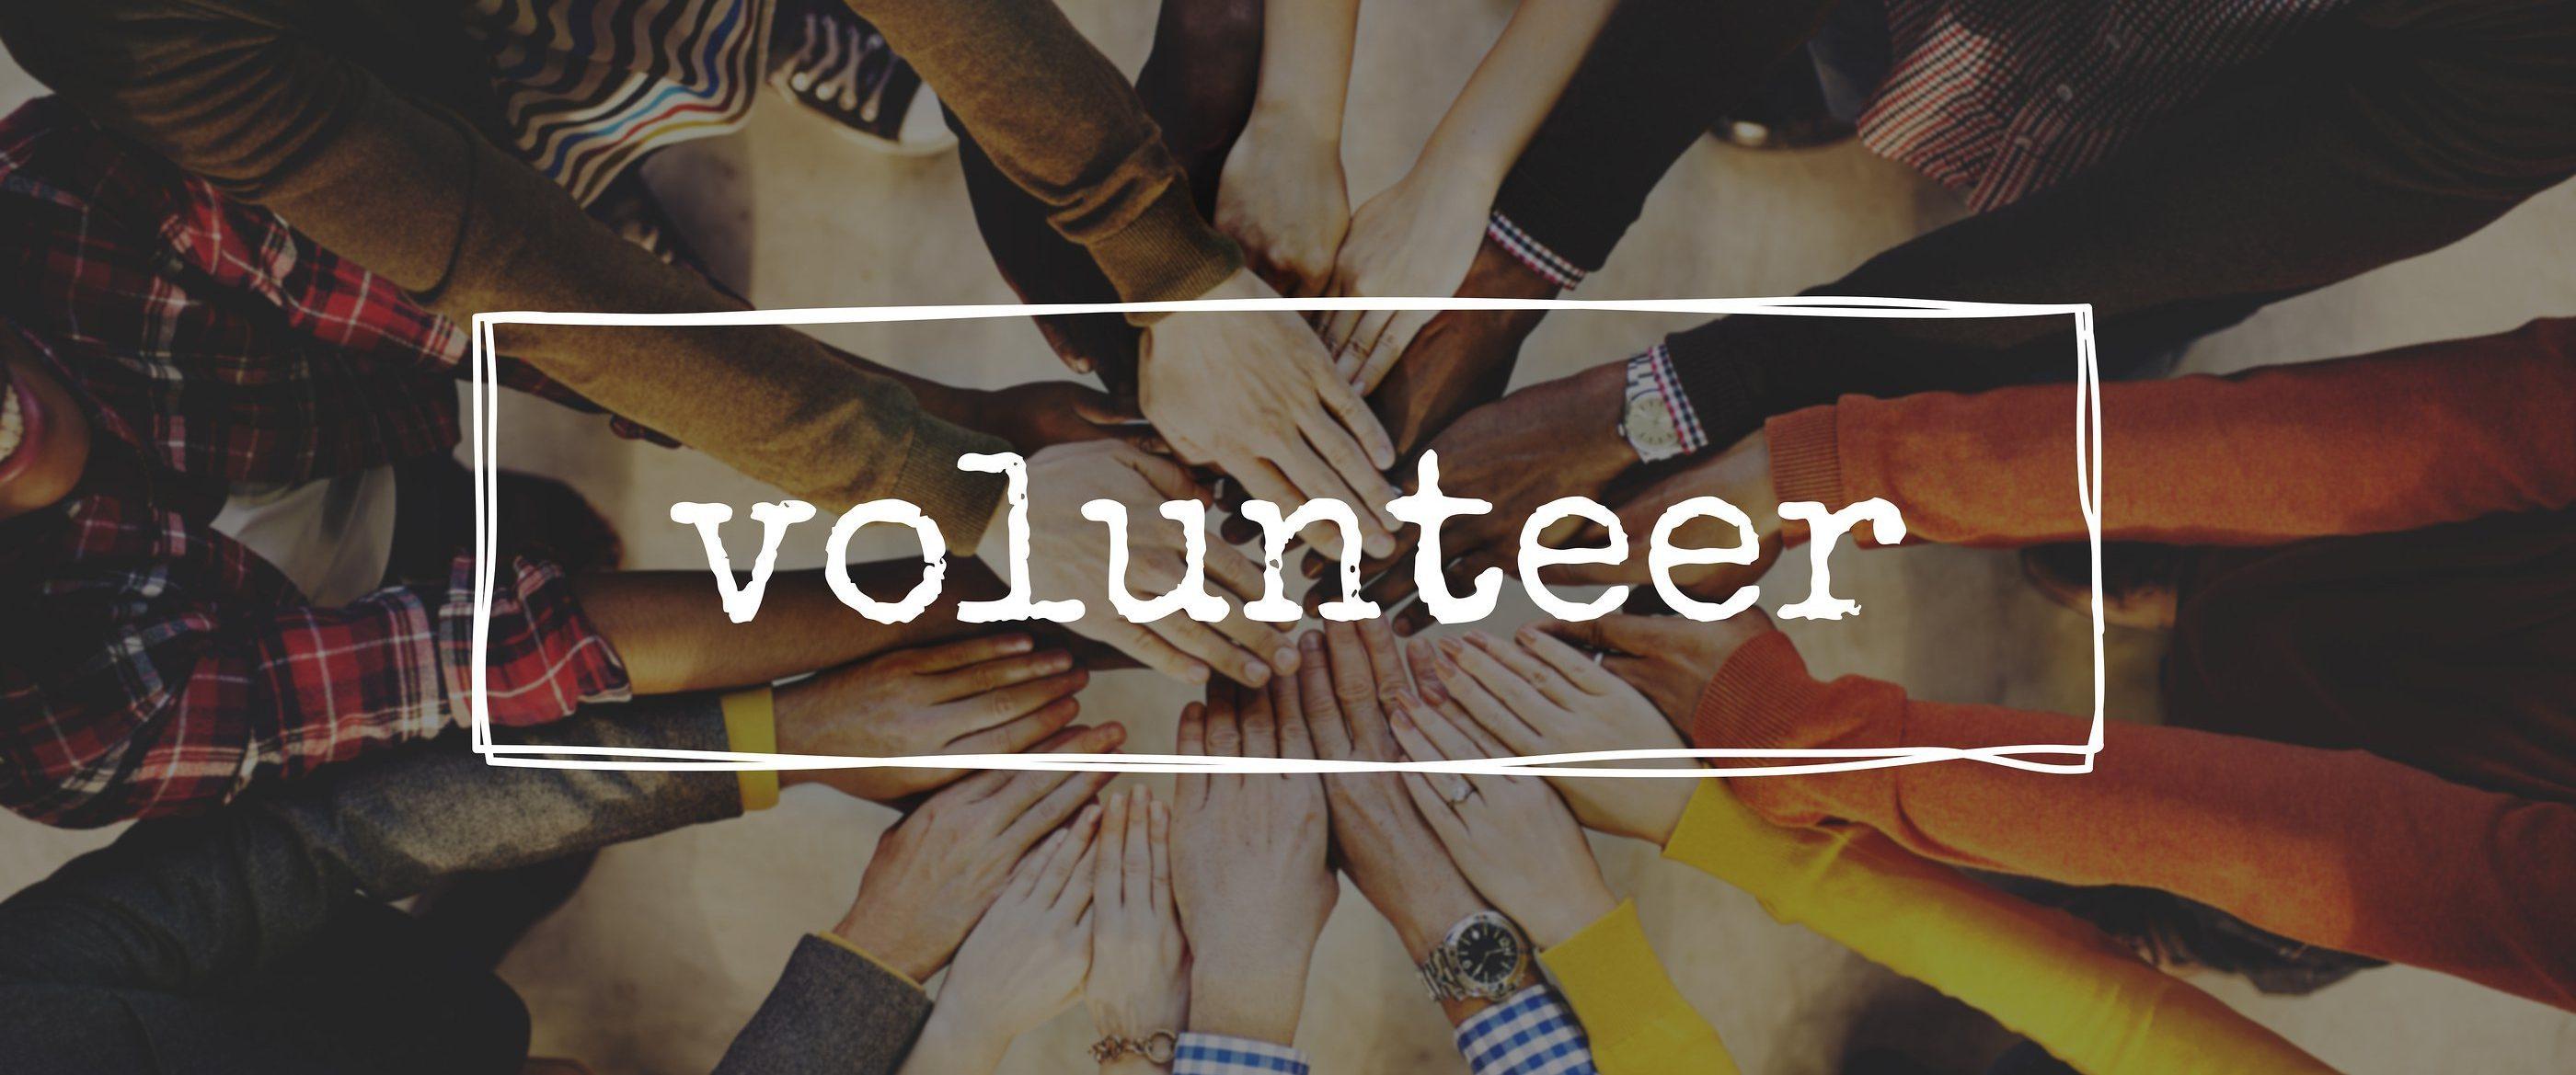 Center Global Seeks Volunteer Social Worker